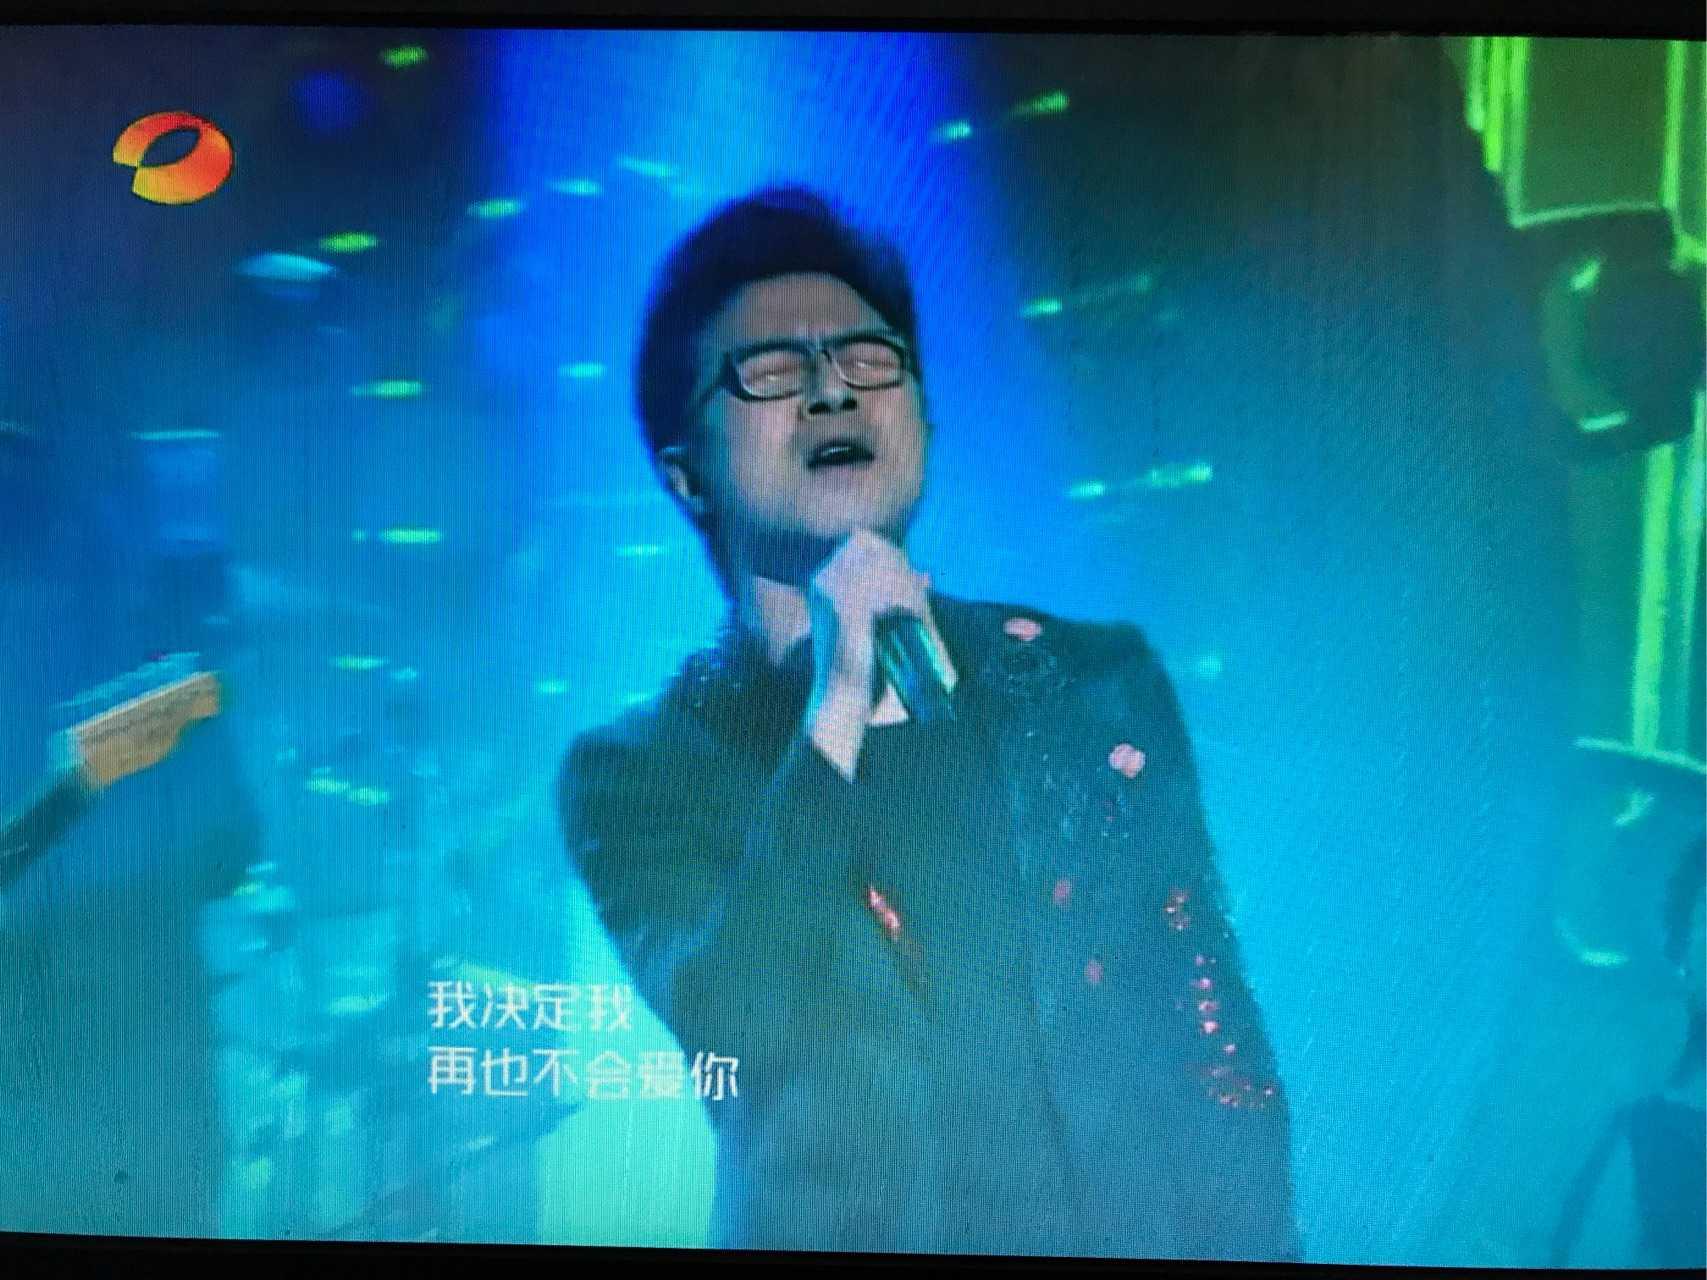 汪峰其实是汪星人_汪峰演唱曲目《再也没有》等了一季,汪星人终于等到了这一天!